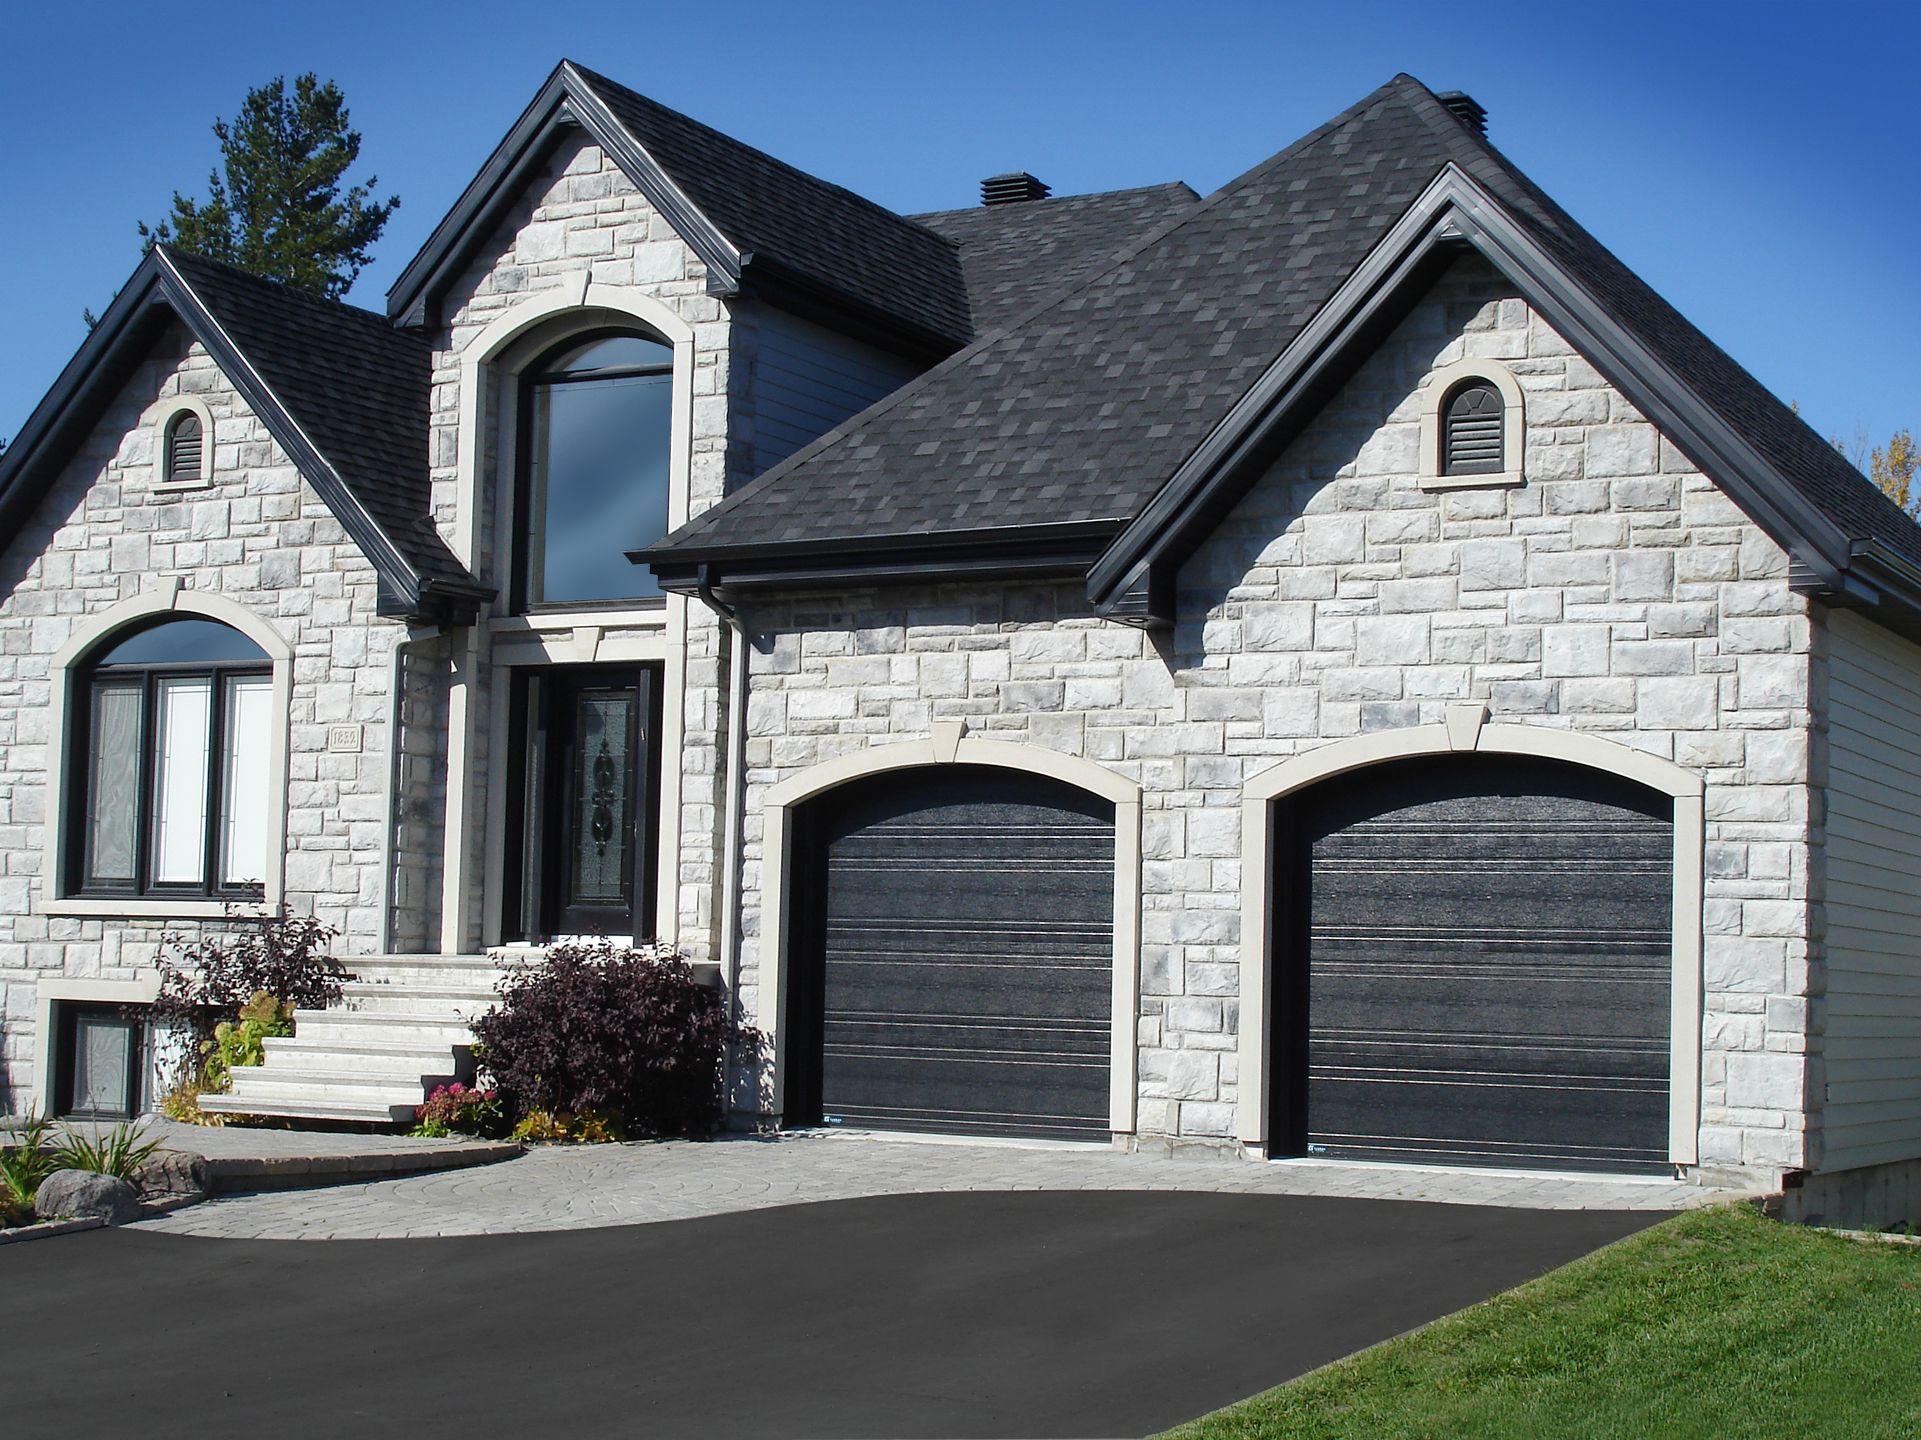 Portes de garage garex mod le urbaine couleur noir house plans in 2019 - Porte de garage design ...